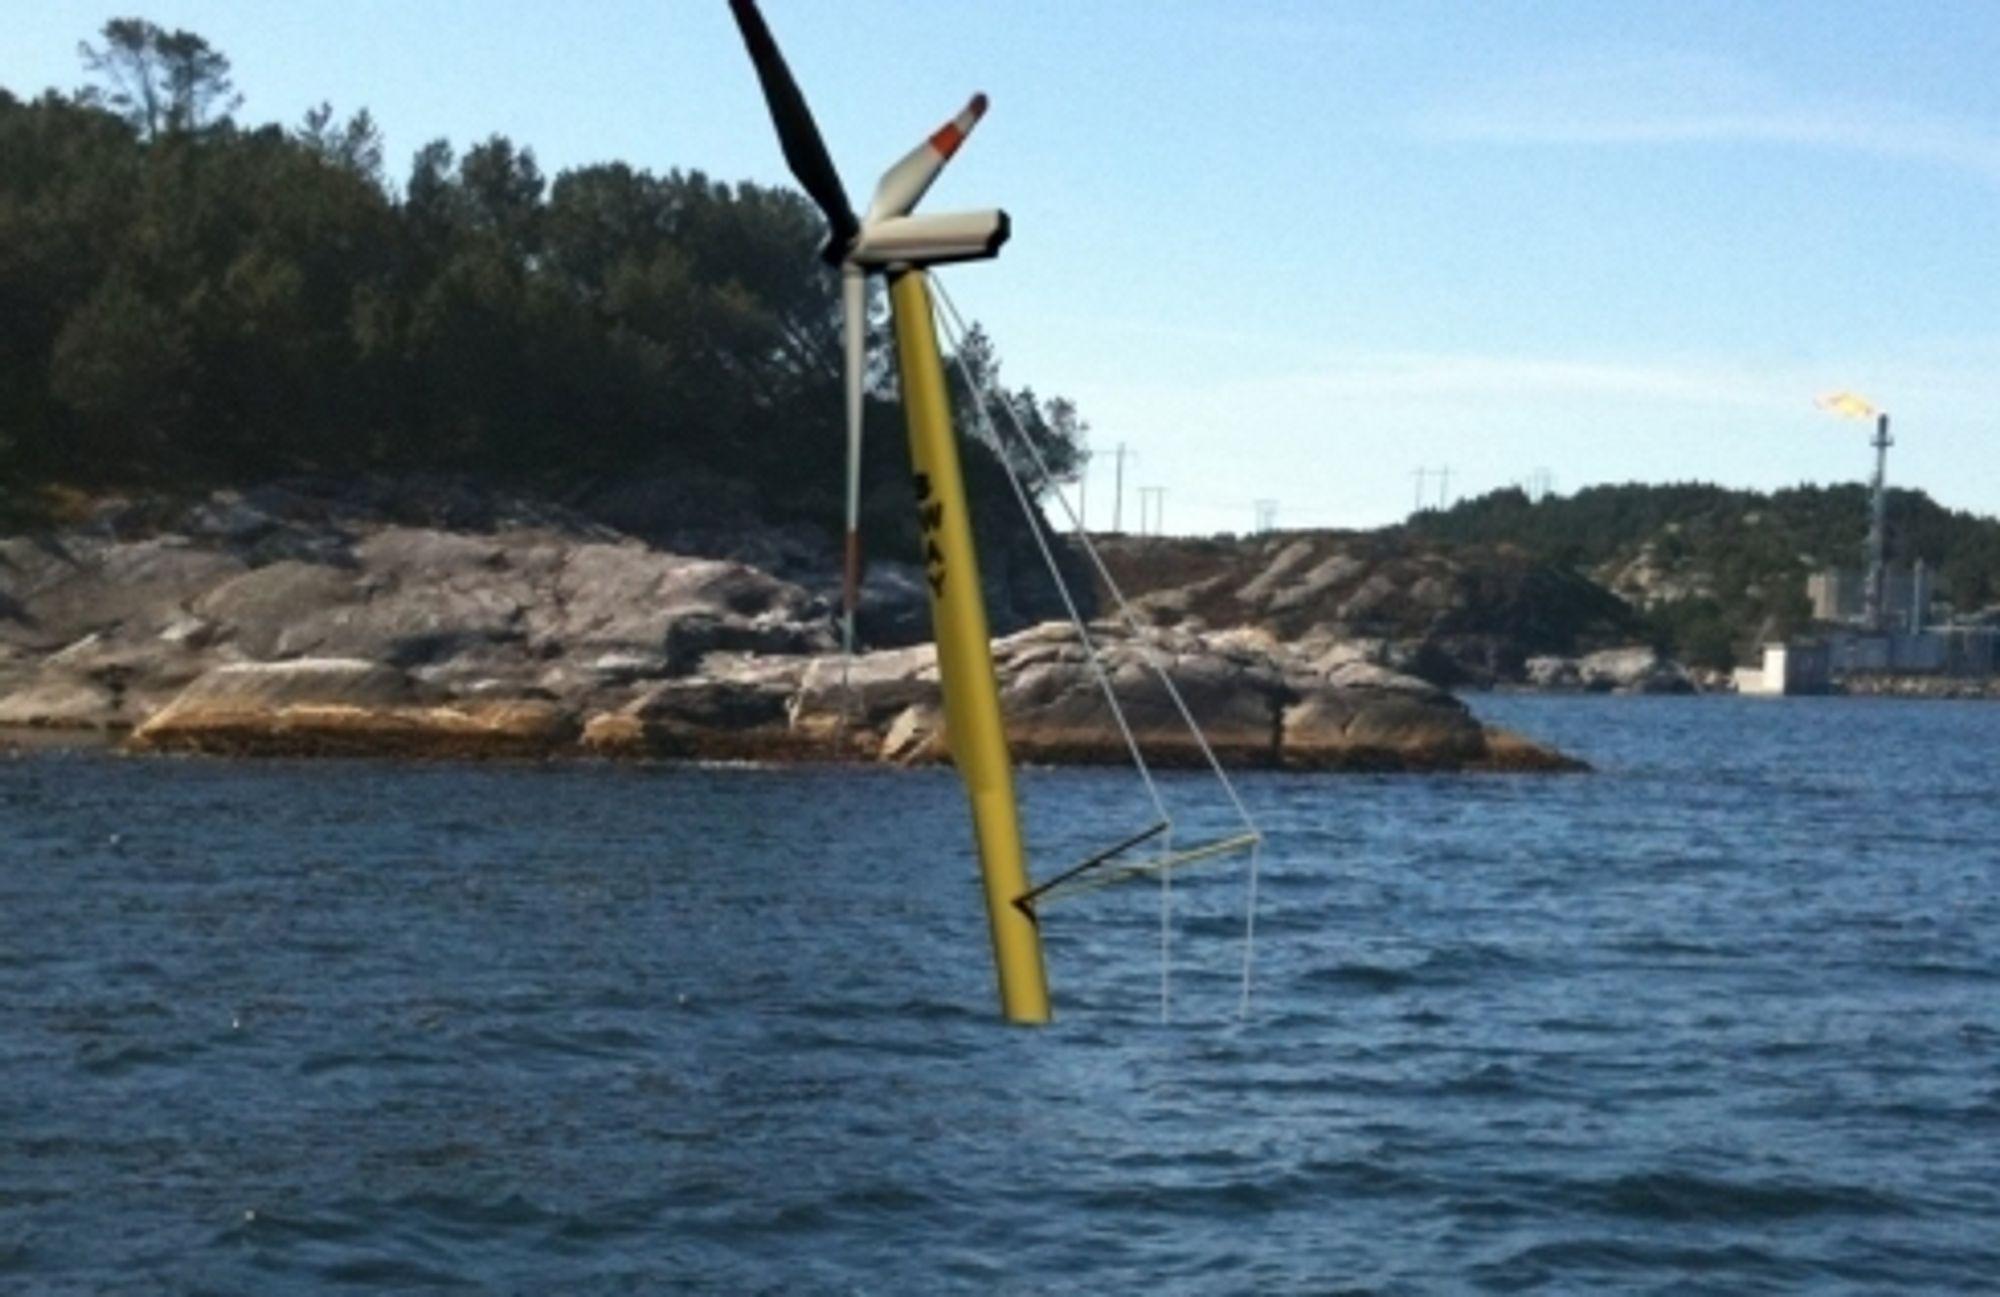 Sway skal teste et understell for havturbiner på 1:6, og samarbeider nå med Coast Center Base på Kollsnes utenfor Bergen.